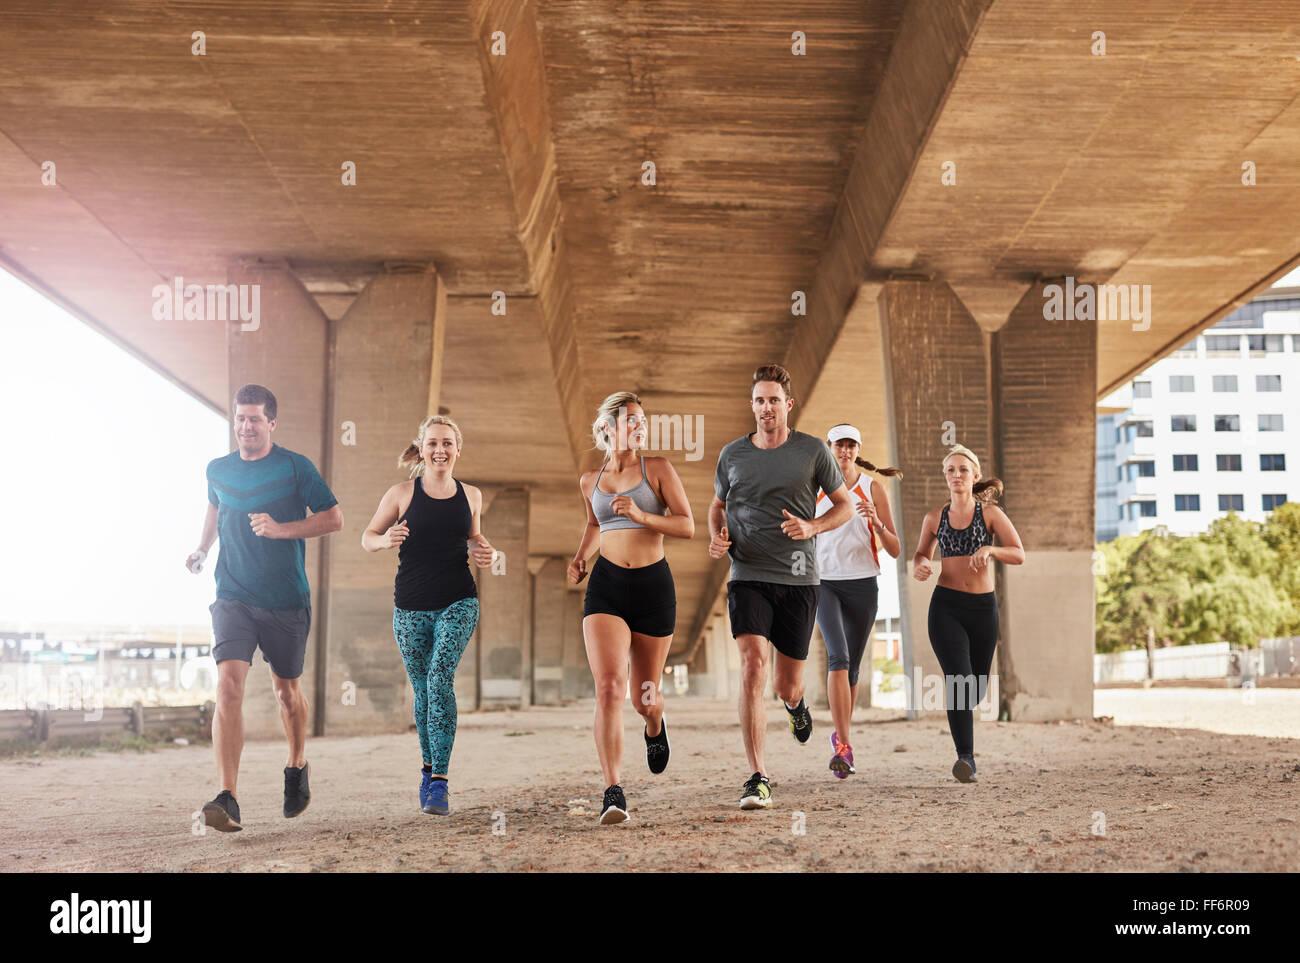 Gruppe von Athleten, die auf einer Straße unter der Brücke in der Stadt. Junge Männer und Frauen Stockbild